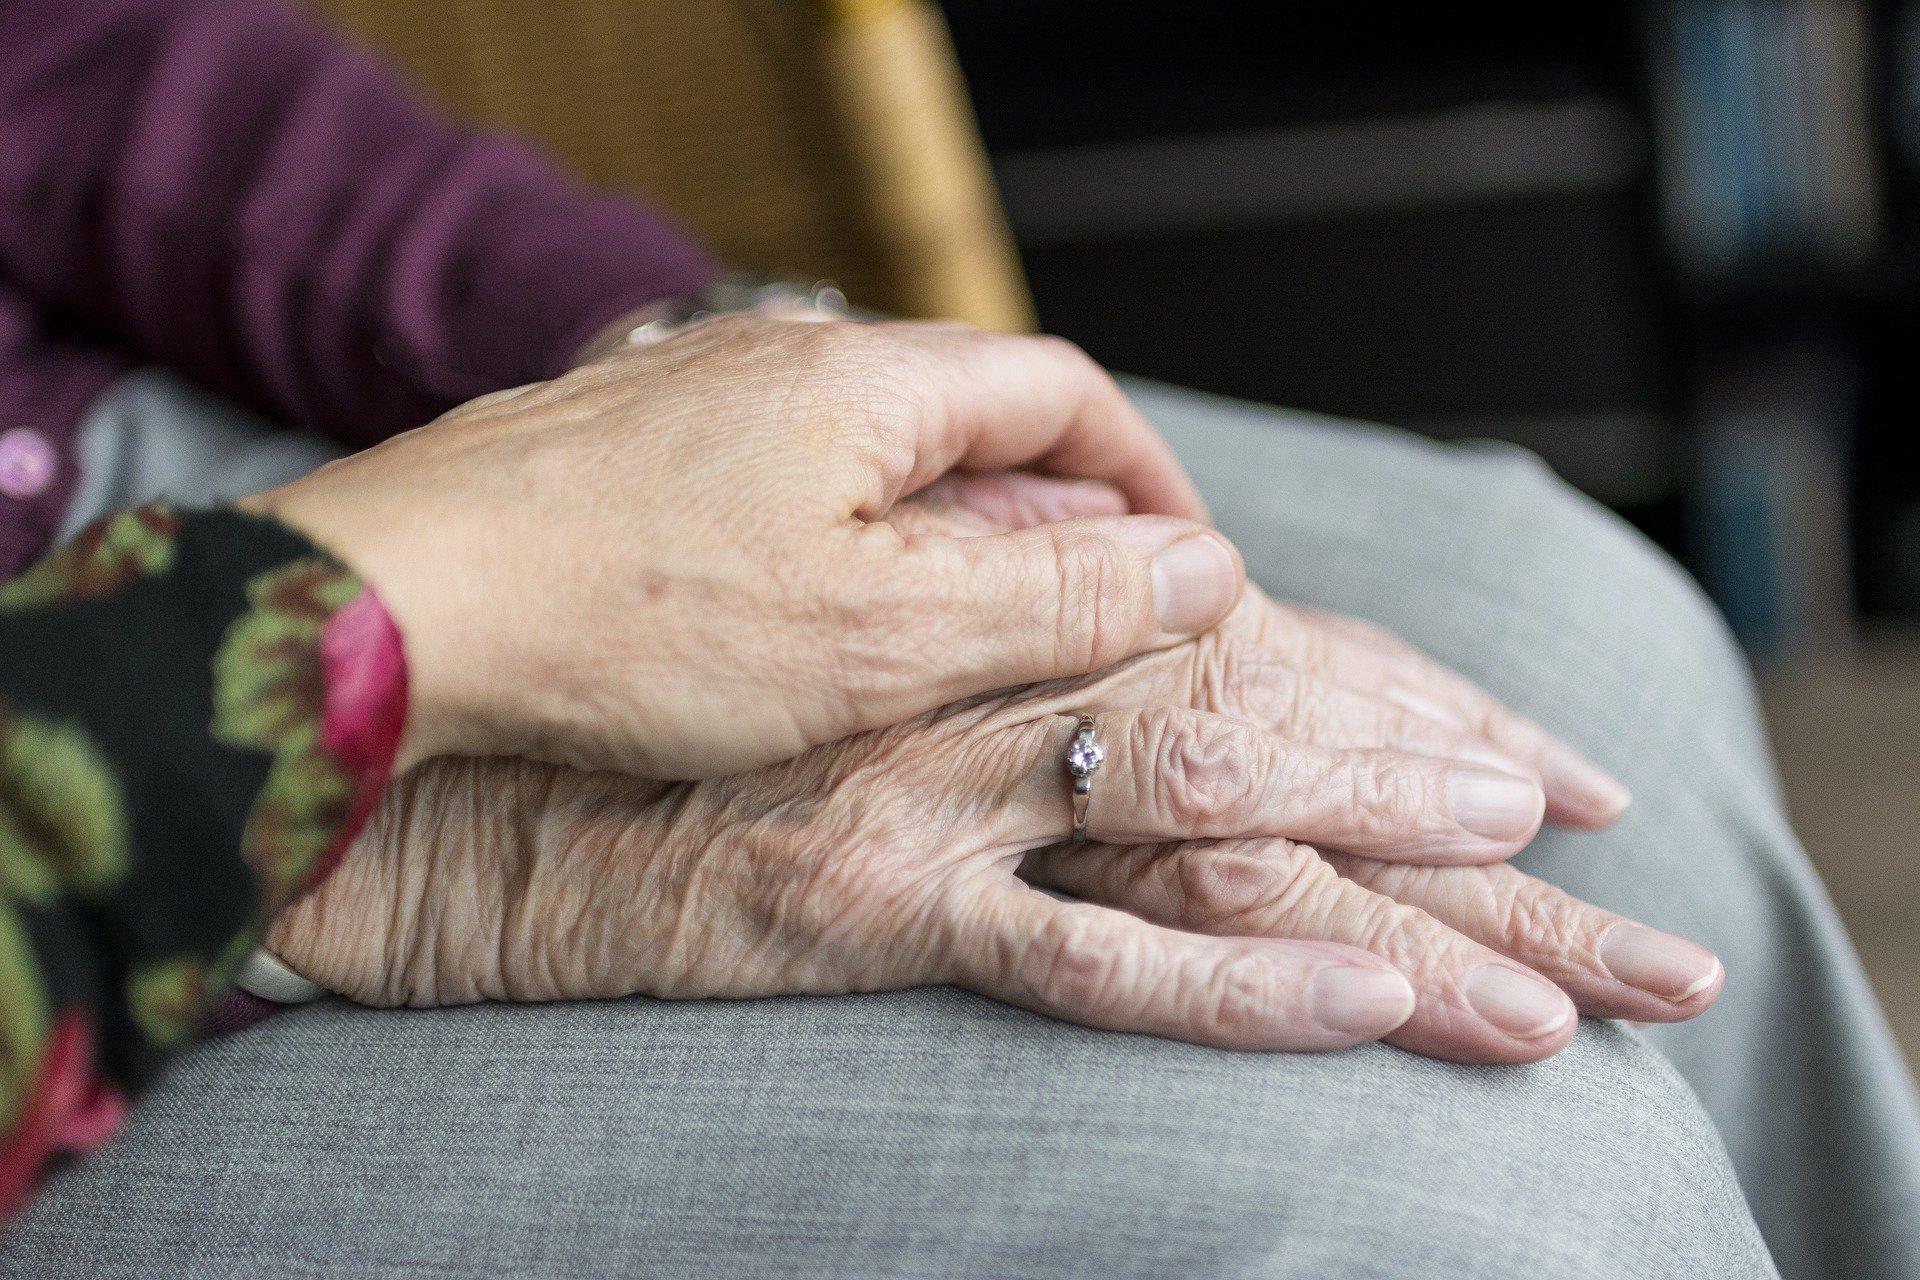 Steuerung und Controlling in der stationären und ambulanten Altenhilfe (18.08.2020)